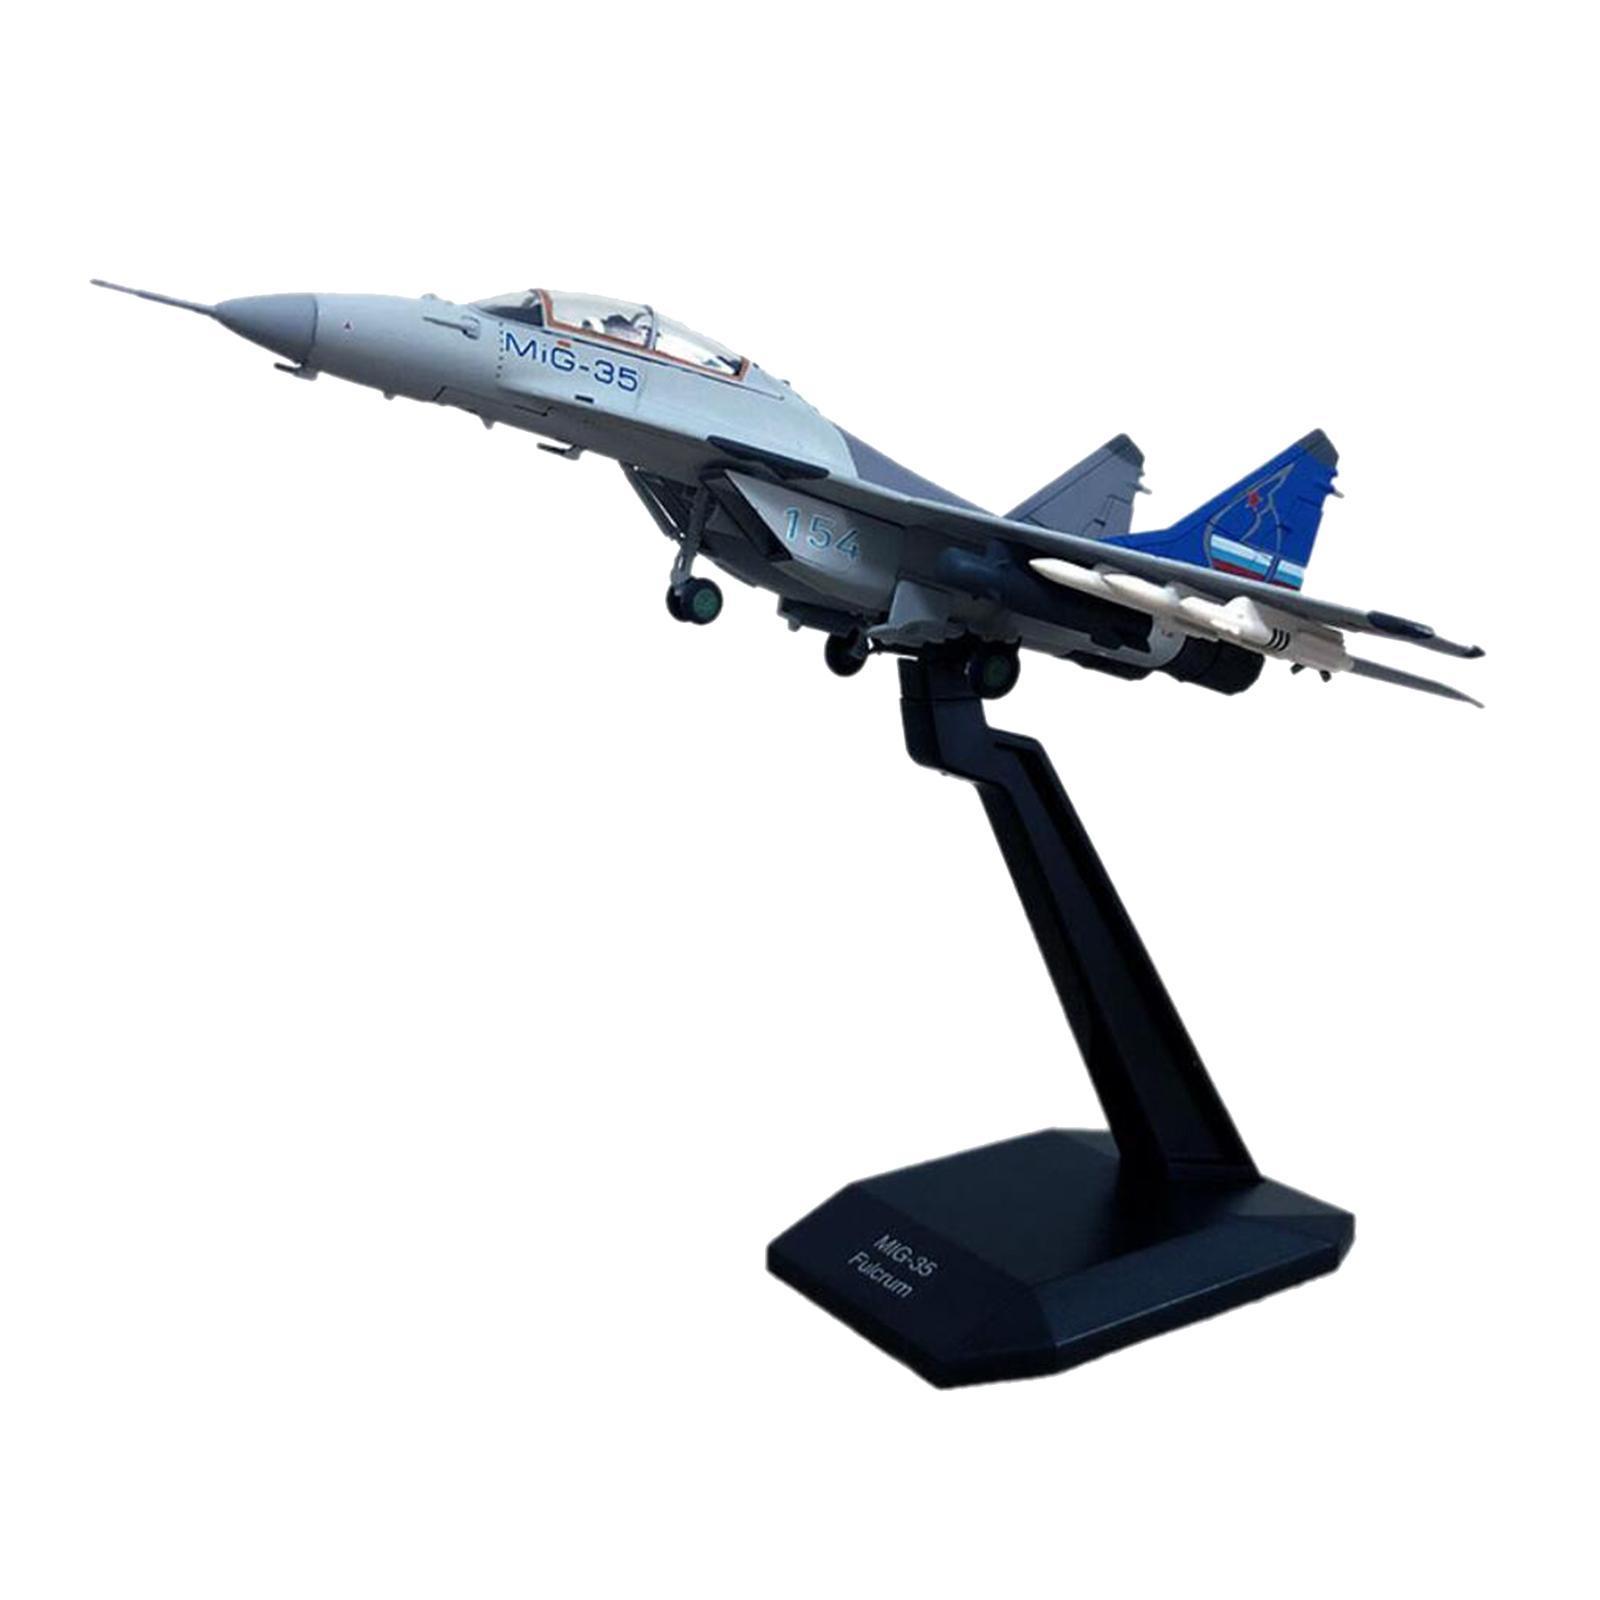 miniatura 5 - 1pc 1/100 MIG-35 Aircraft Metallo Modello di Aereo di Plastica Collezionismo